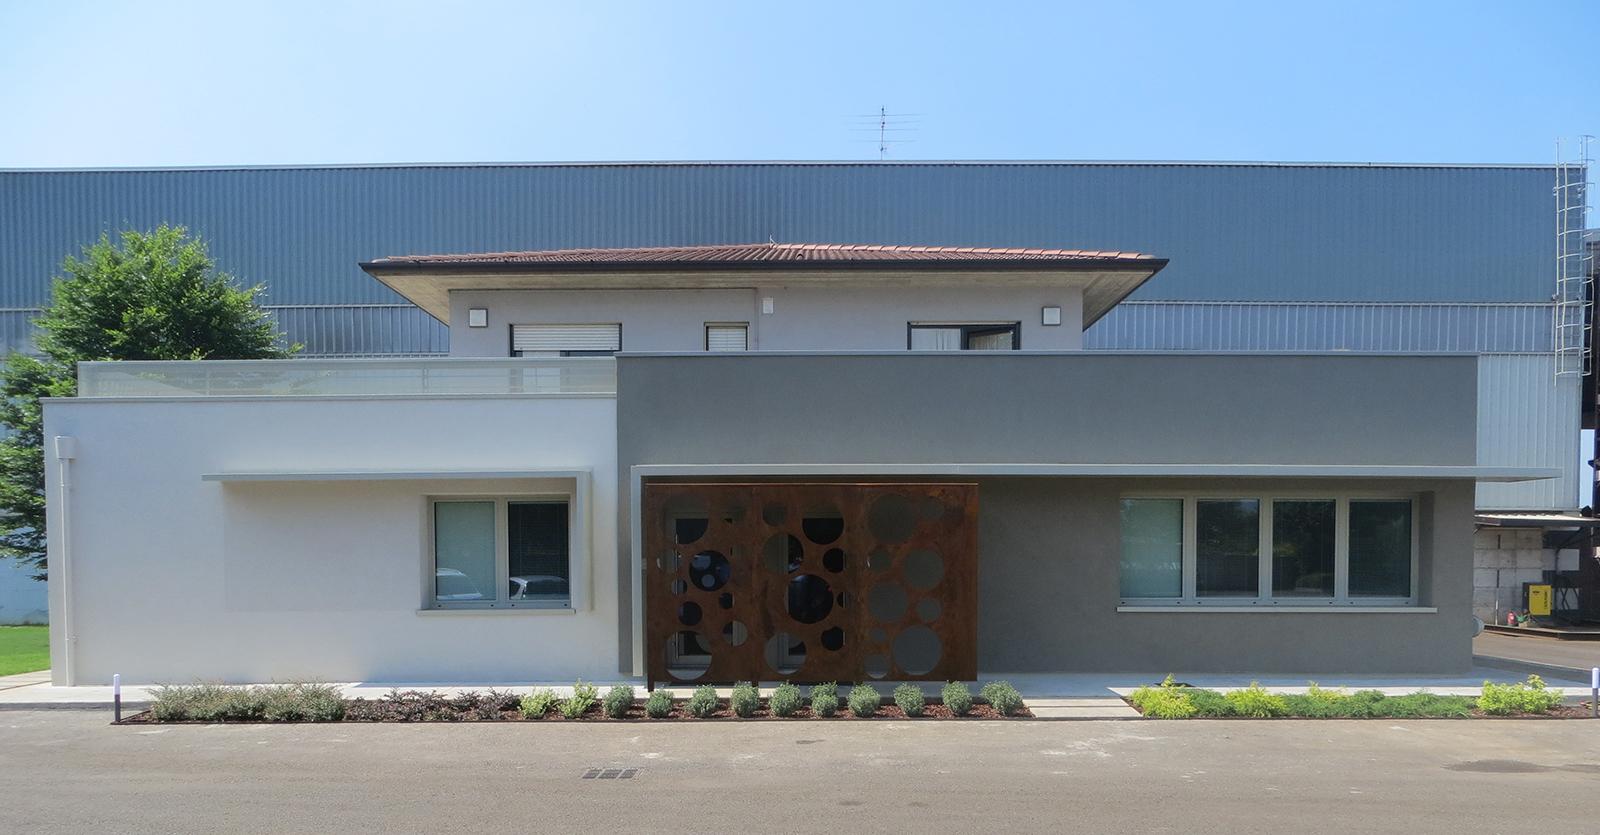 Studio-di-architettura-Baisotti-Sigala-prgetti1